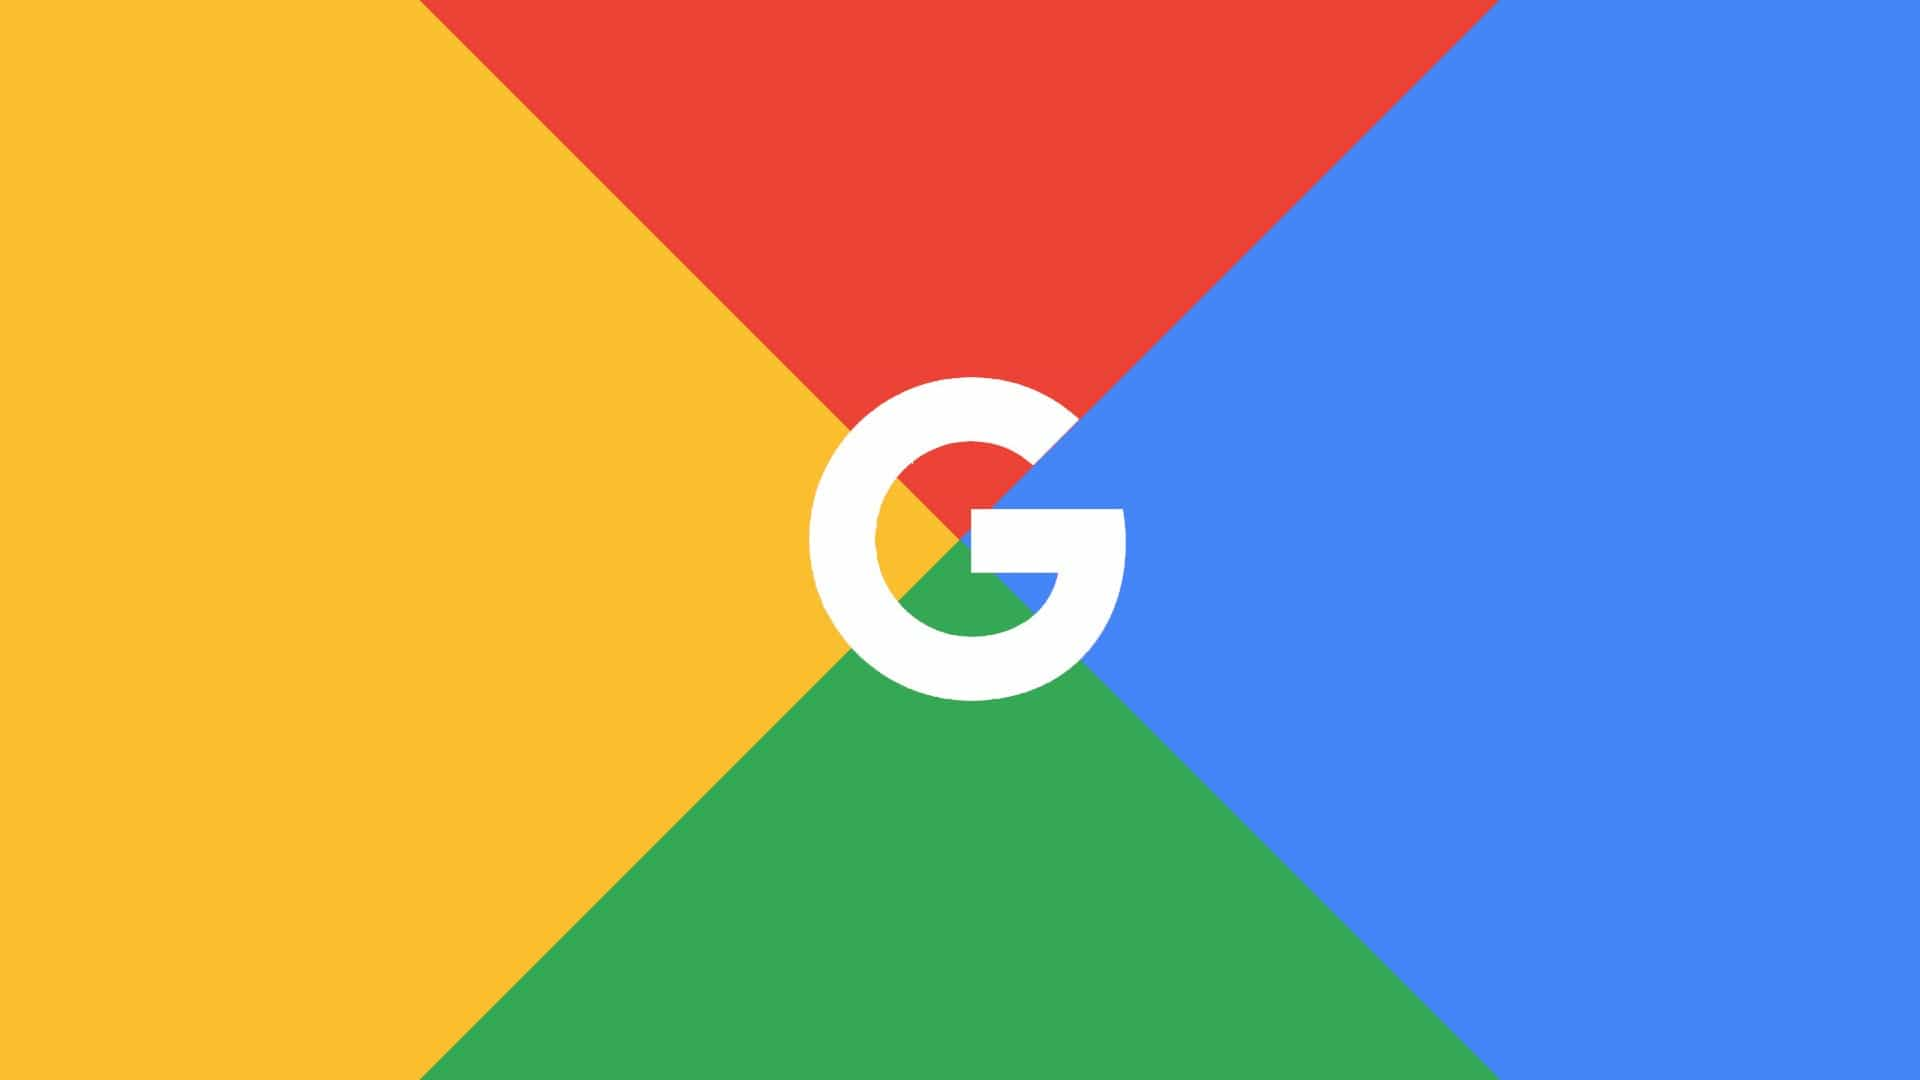 COVID-19 : Google bloque 18 millions de courriels malveillants par jour | Coronavirus